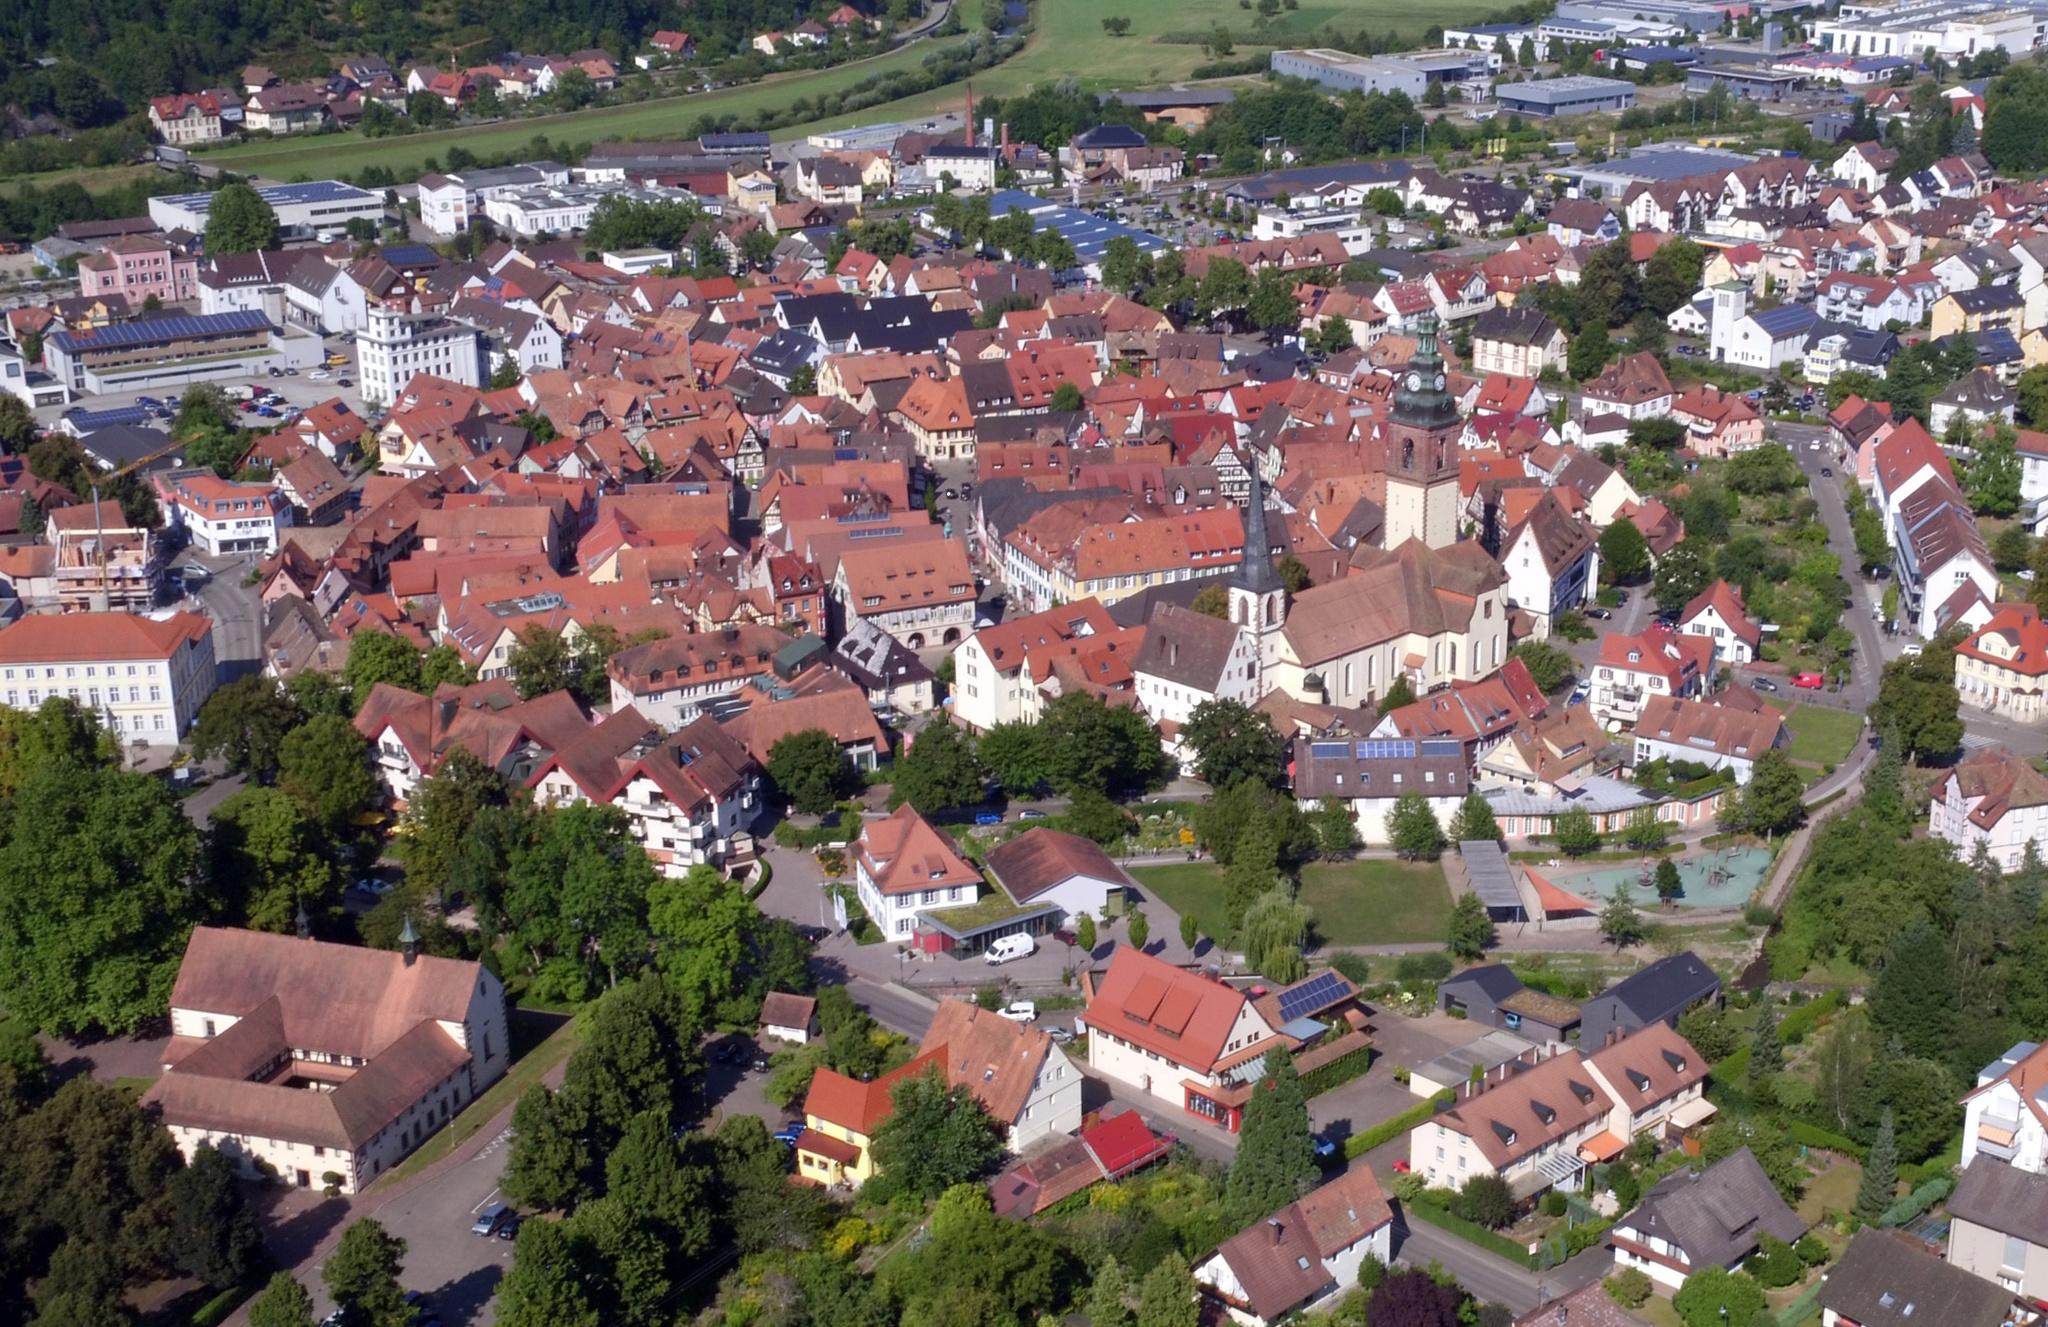 Luftaufnahme mit Blick auf die Historische Altstadt